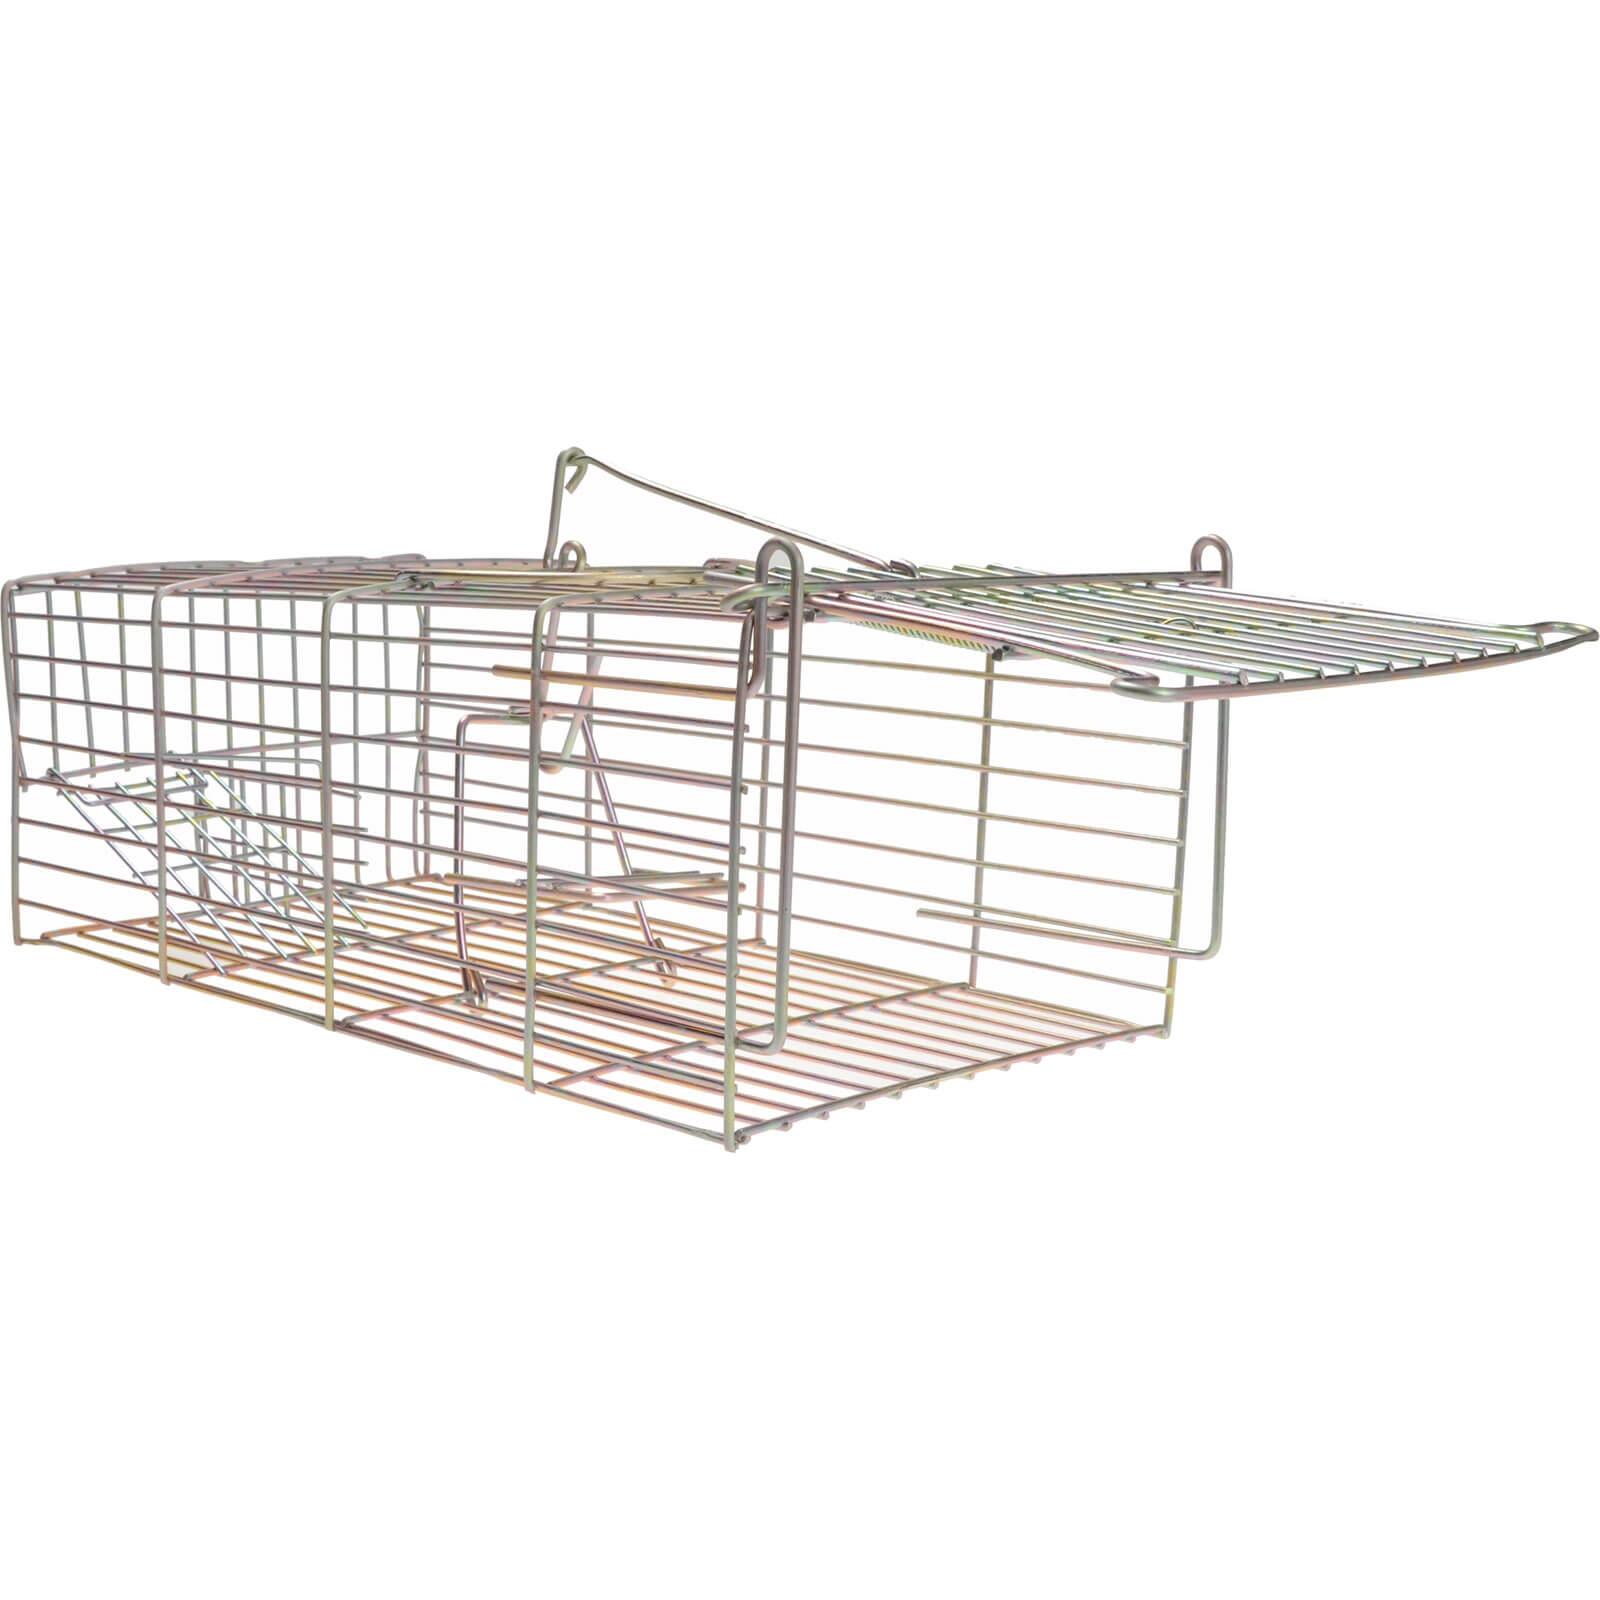 Image of Rentokil Rat Cage Trap